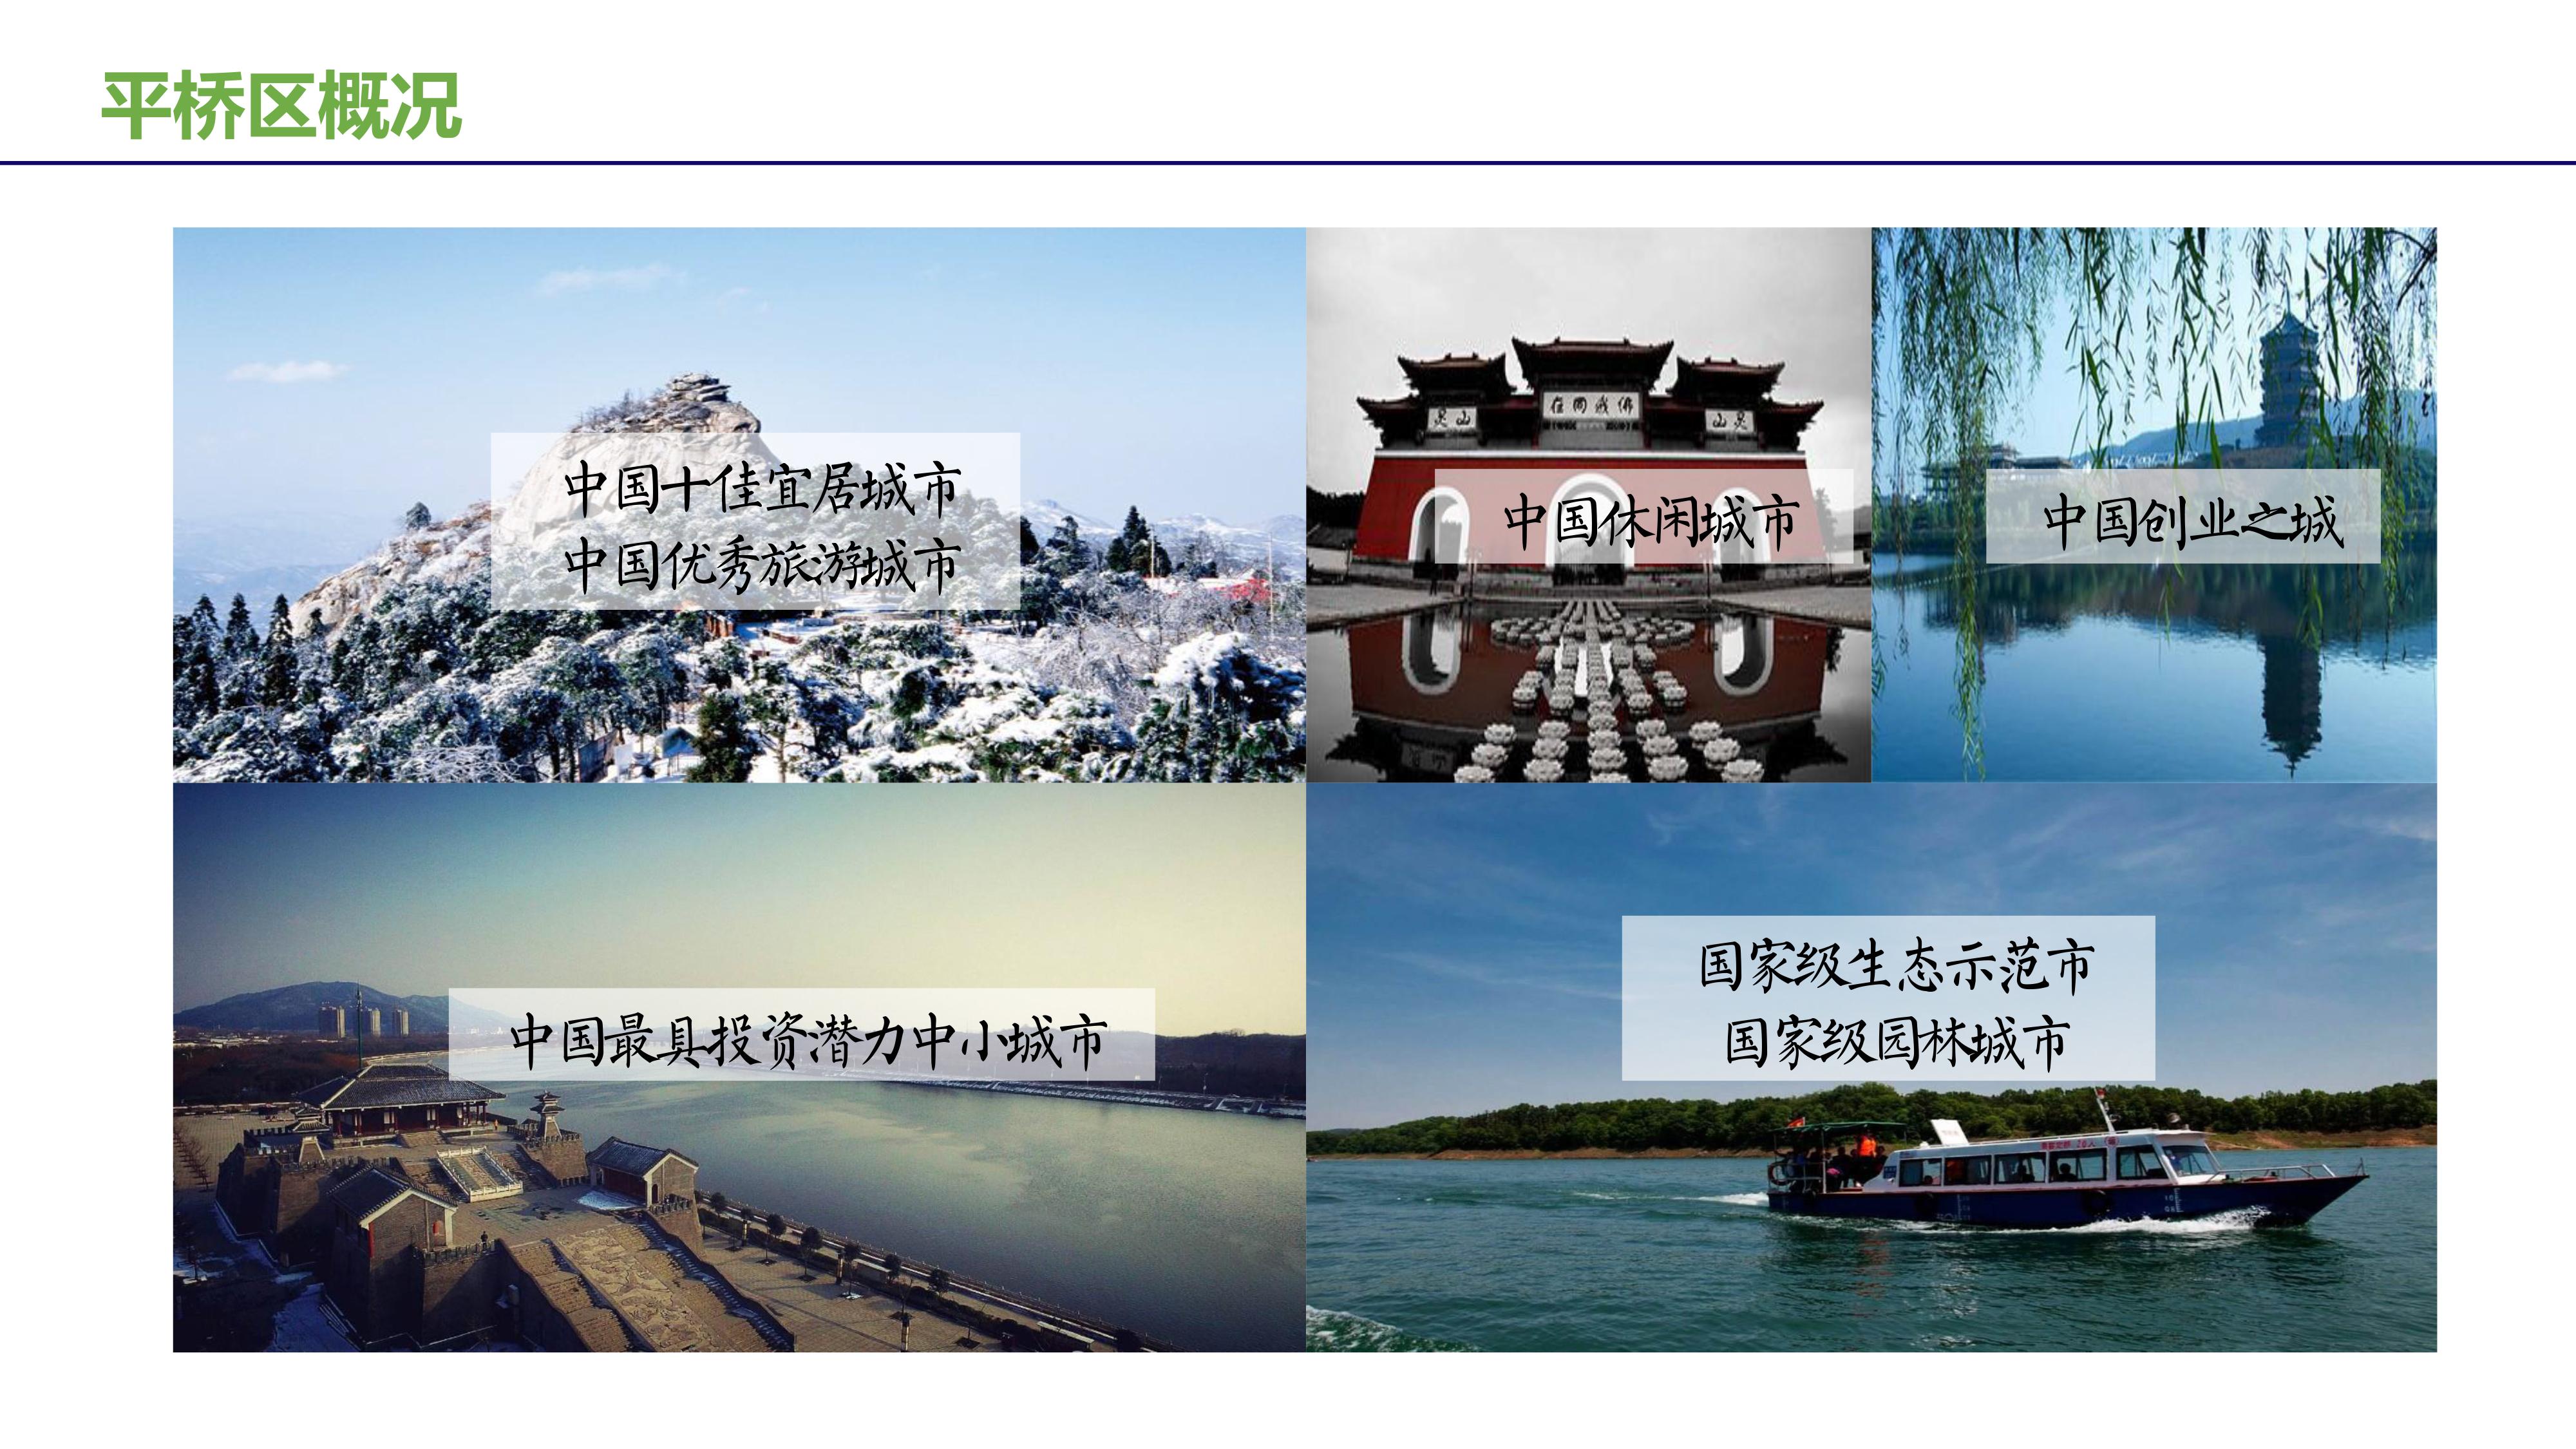 平桥农业项目情况介绍-4.jpg